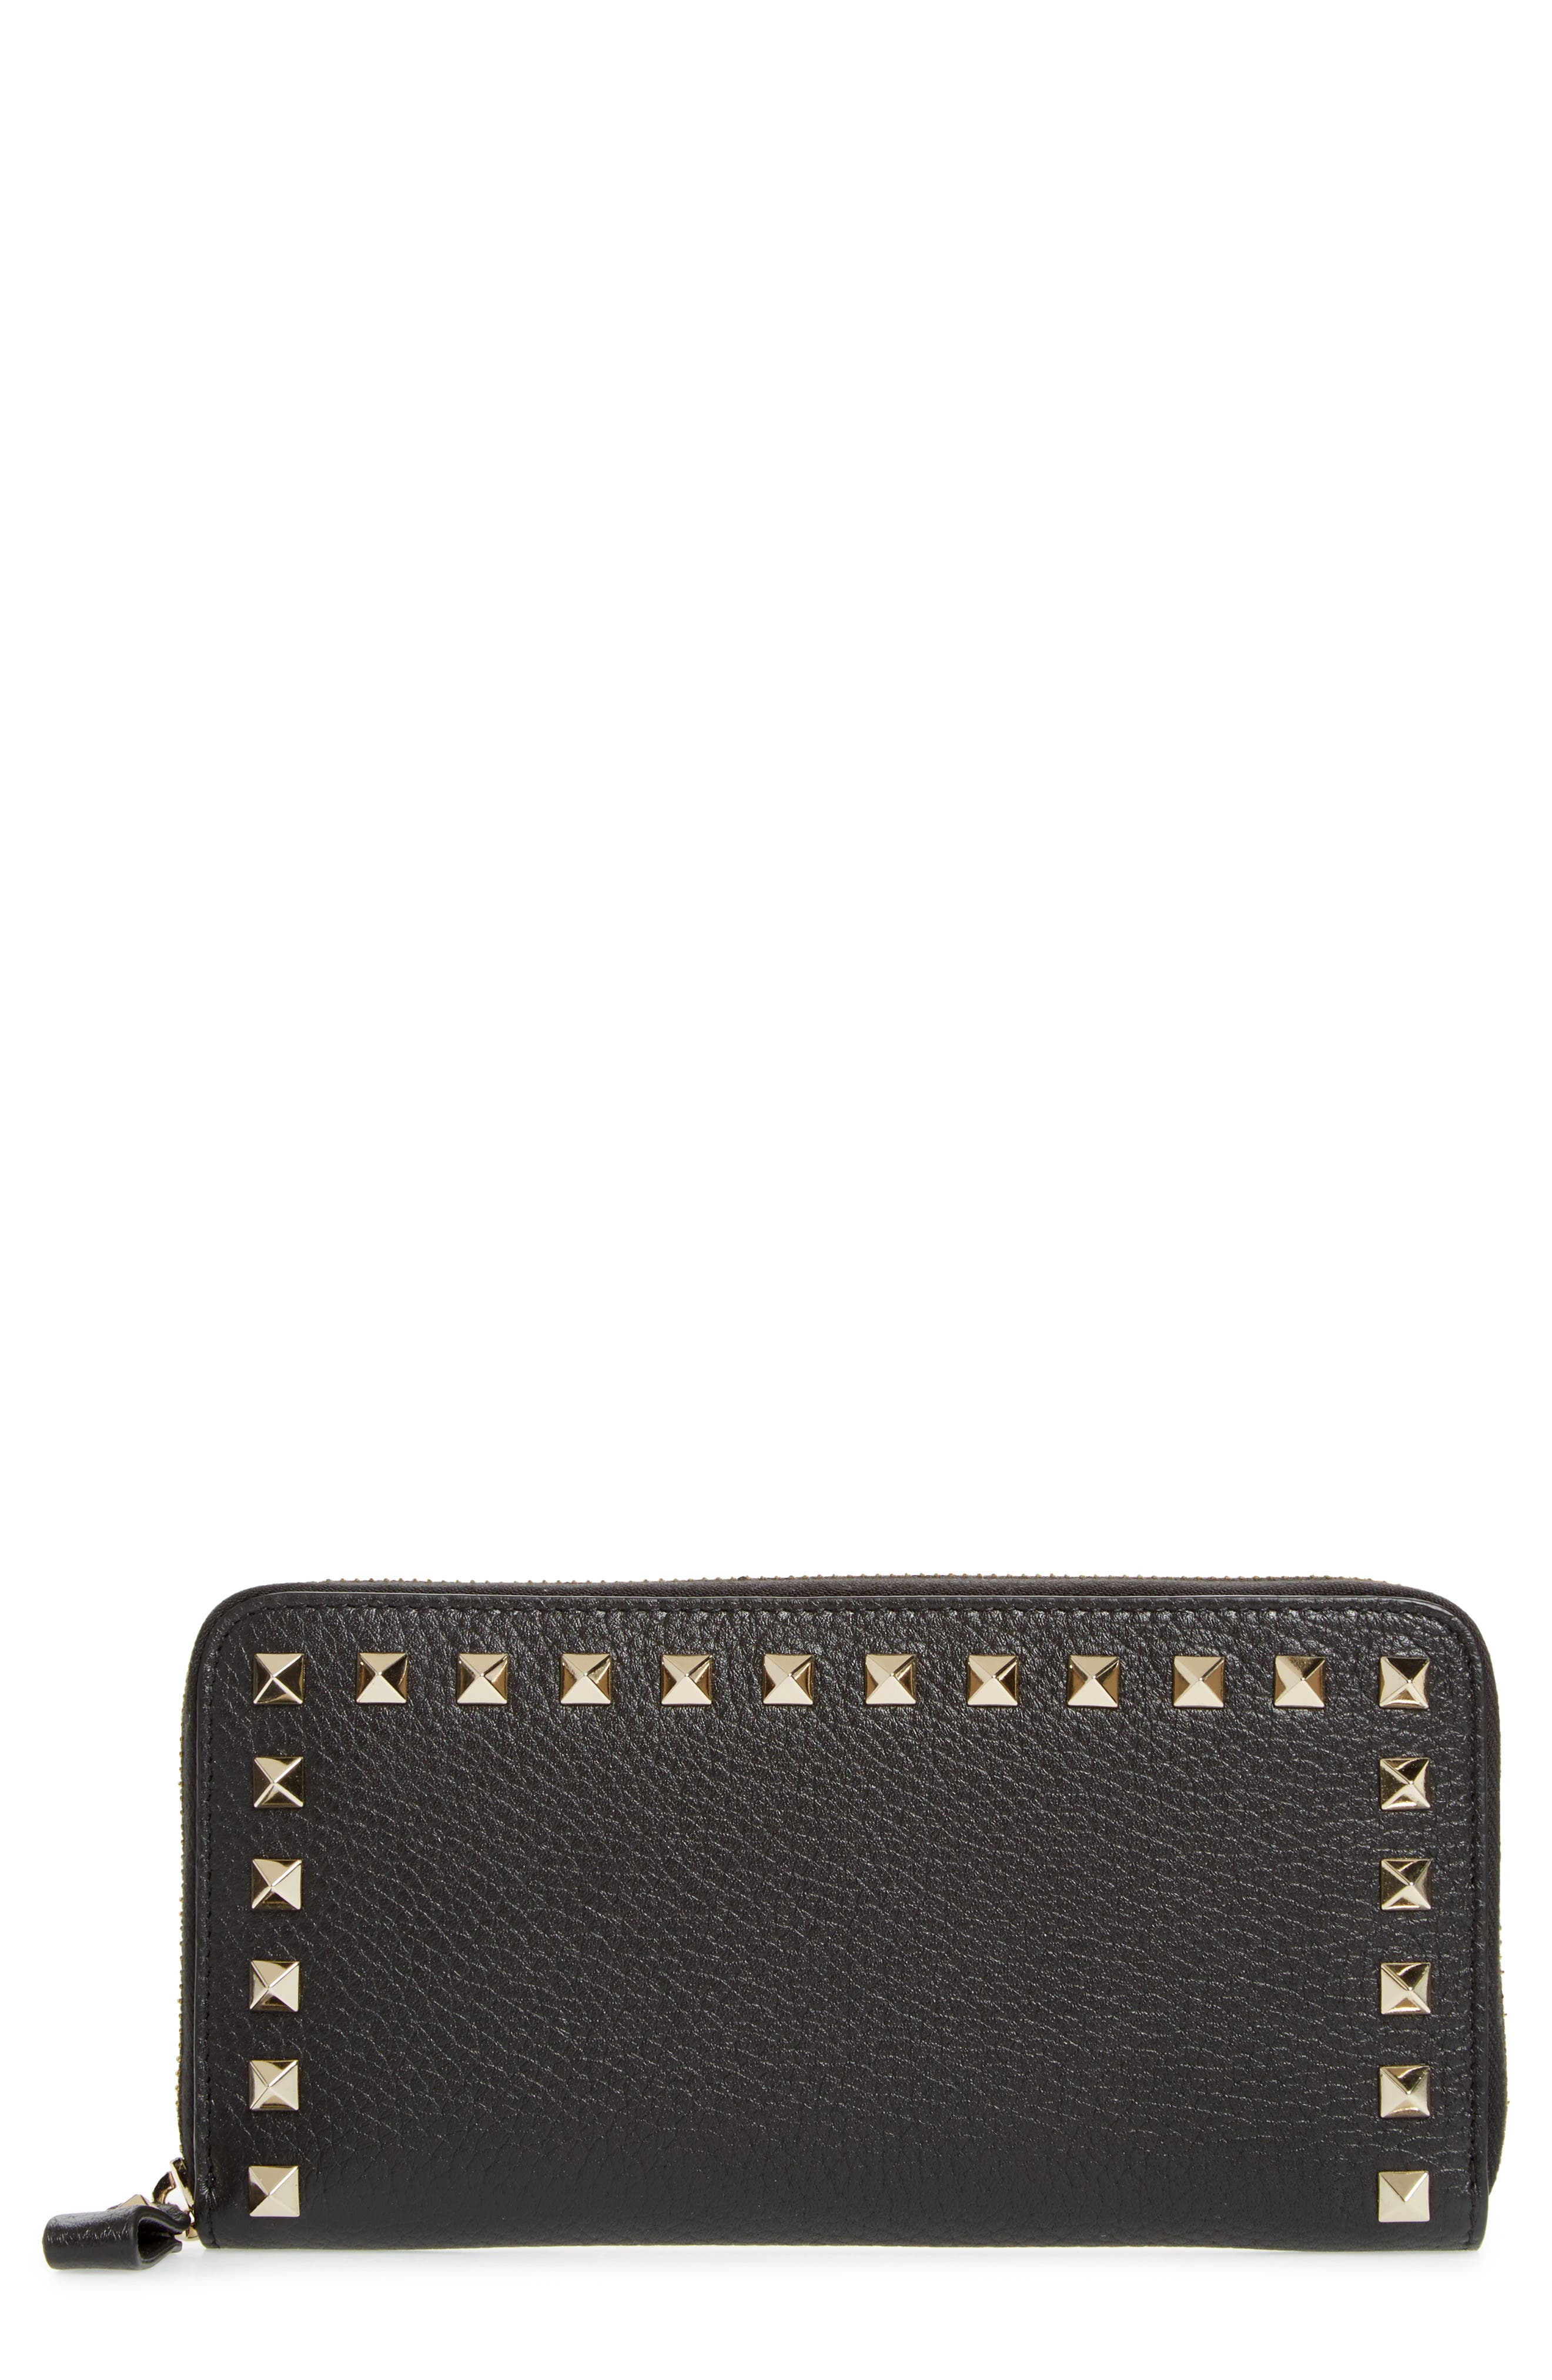 VALENTINO GARAVANI Rockstud Zip Around Leather Continental Wallet